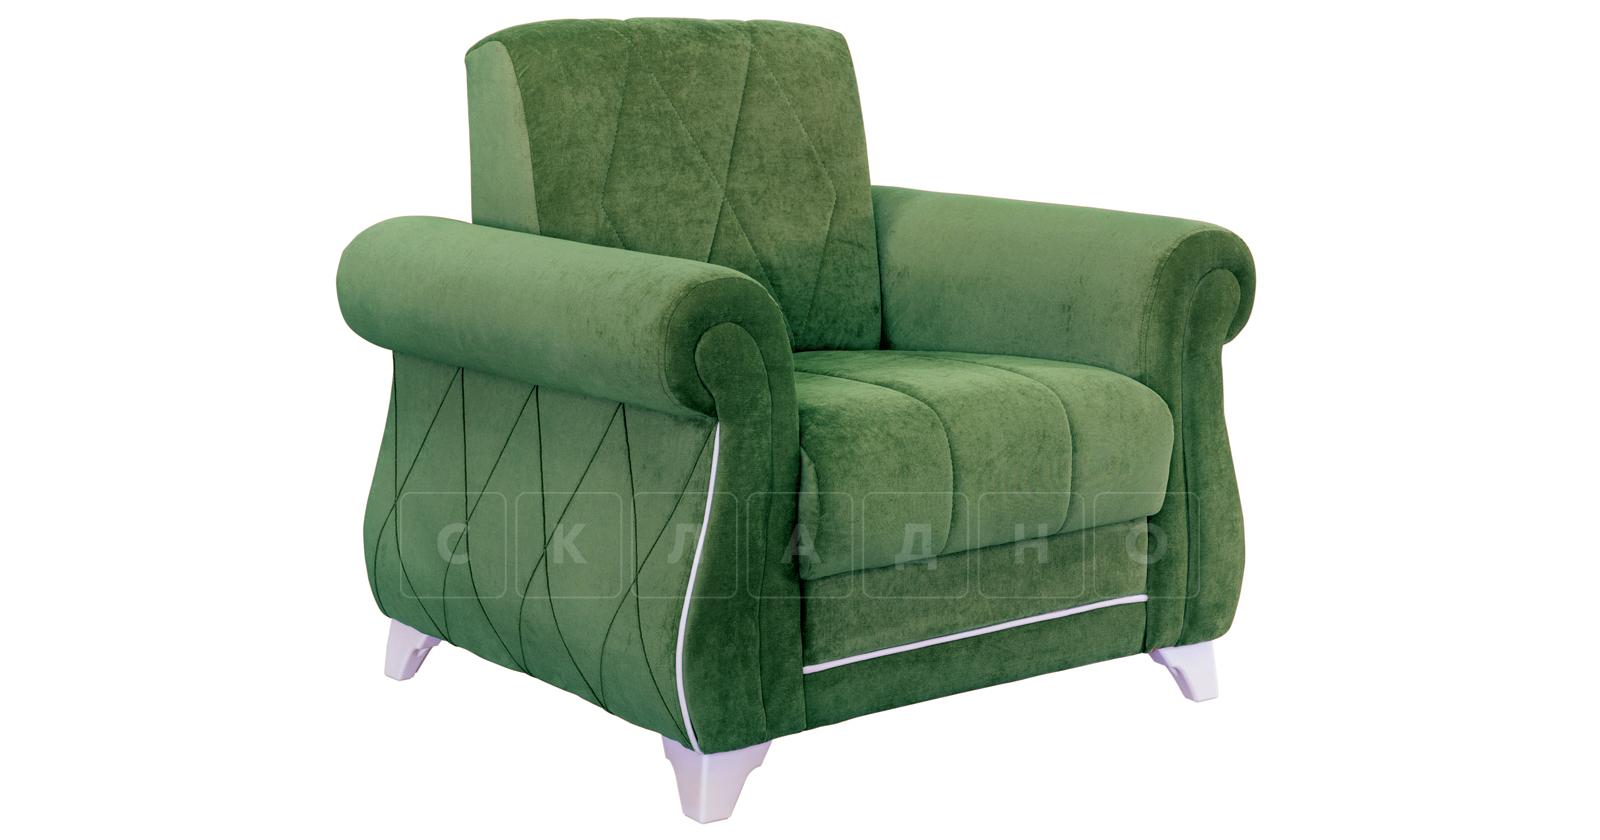 Кресло для отдыха Роза хвойный зеленый фото 1 | интернет-магазин Складно